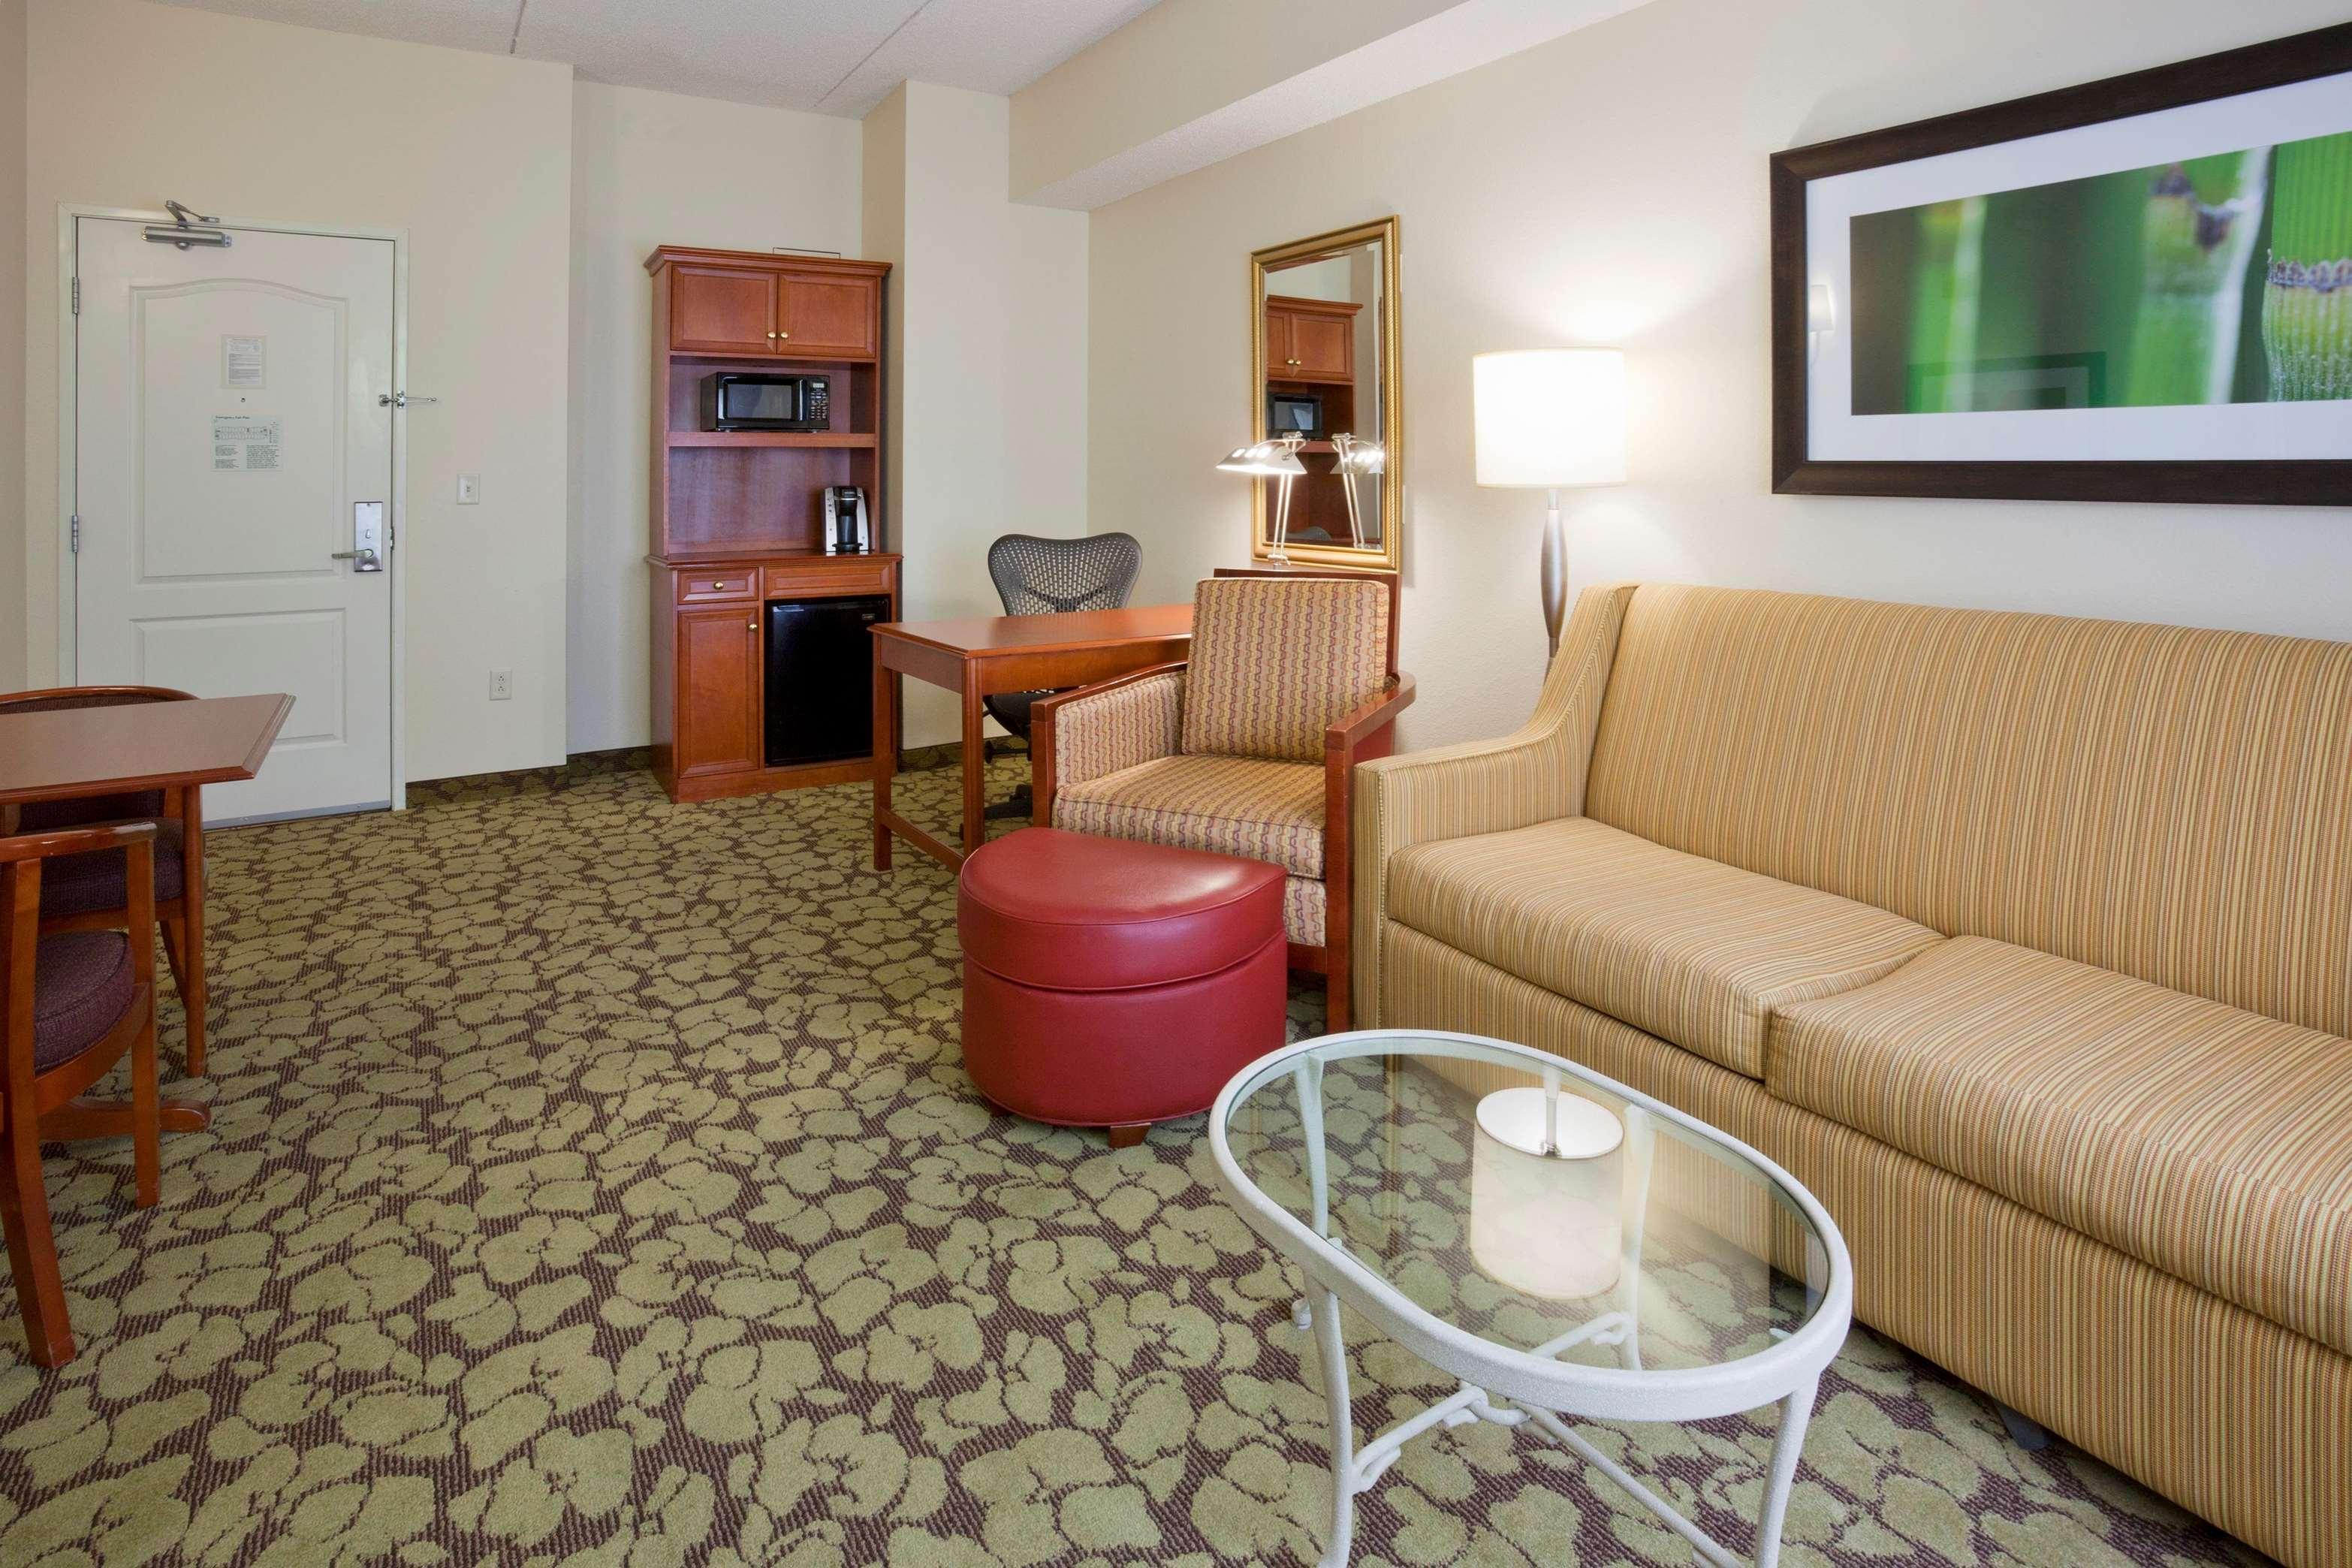 Hilton Garden Inn Minneapolis/Bloomington image 24